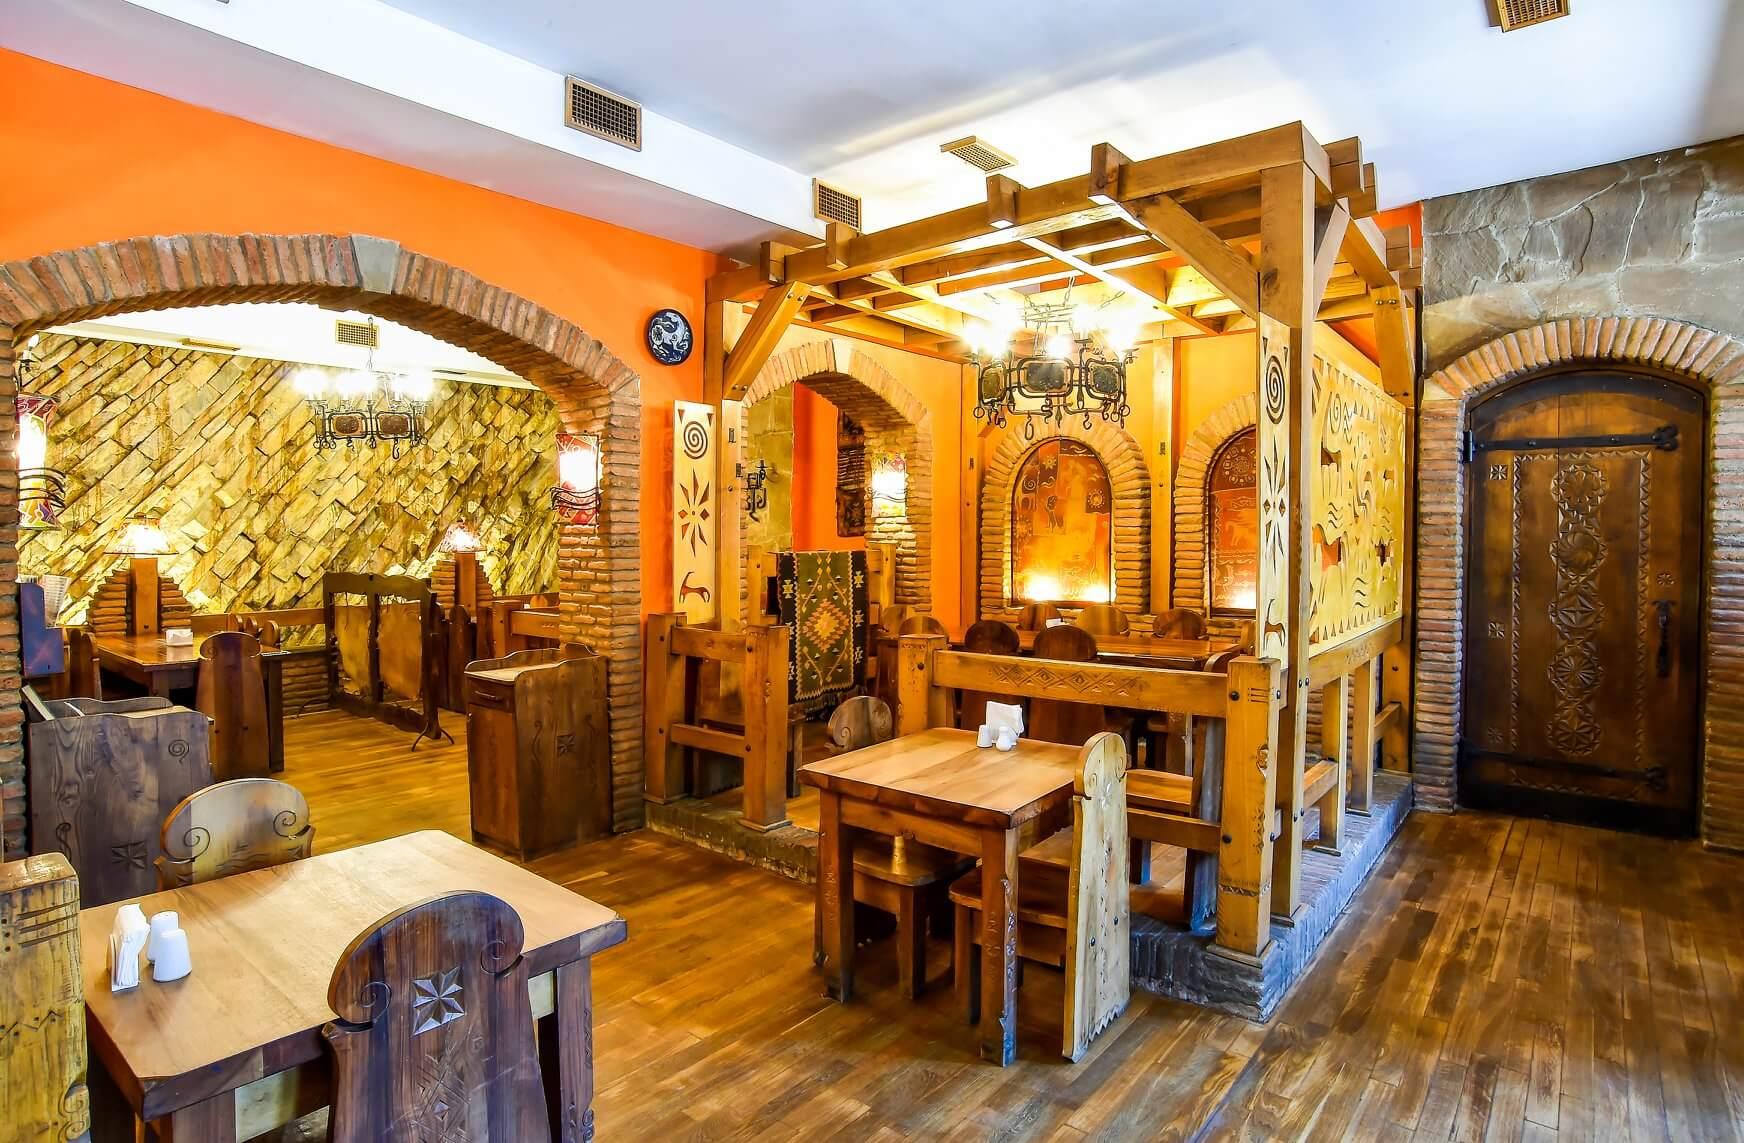 Restauracja Baraqa w Kutaisi.